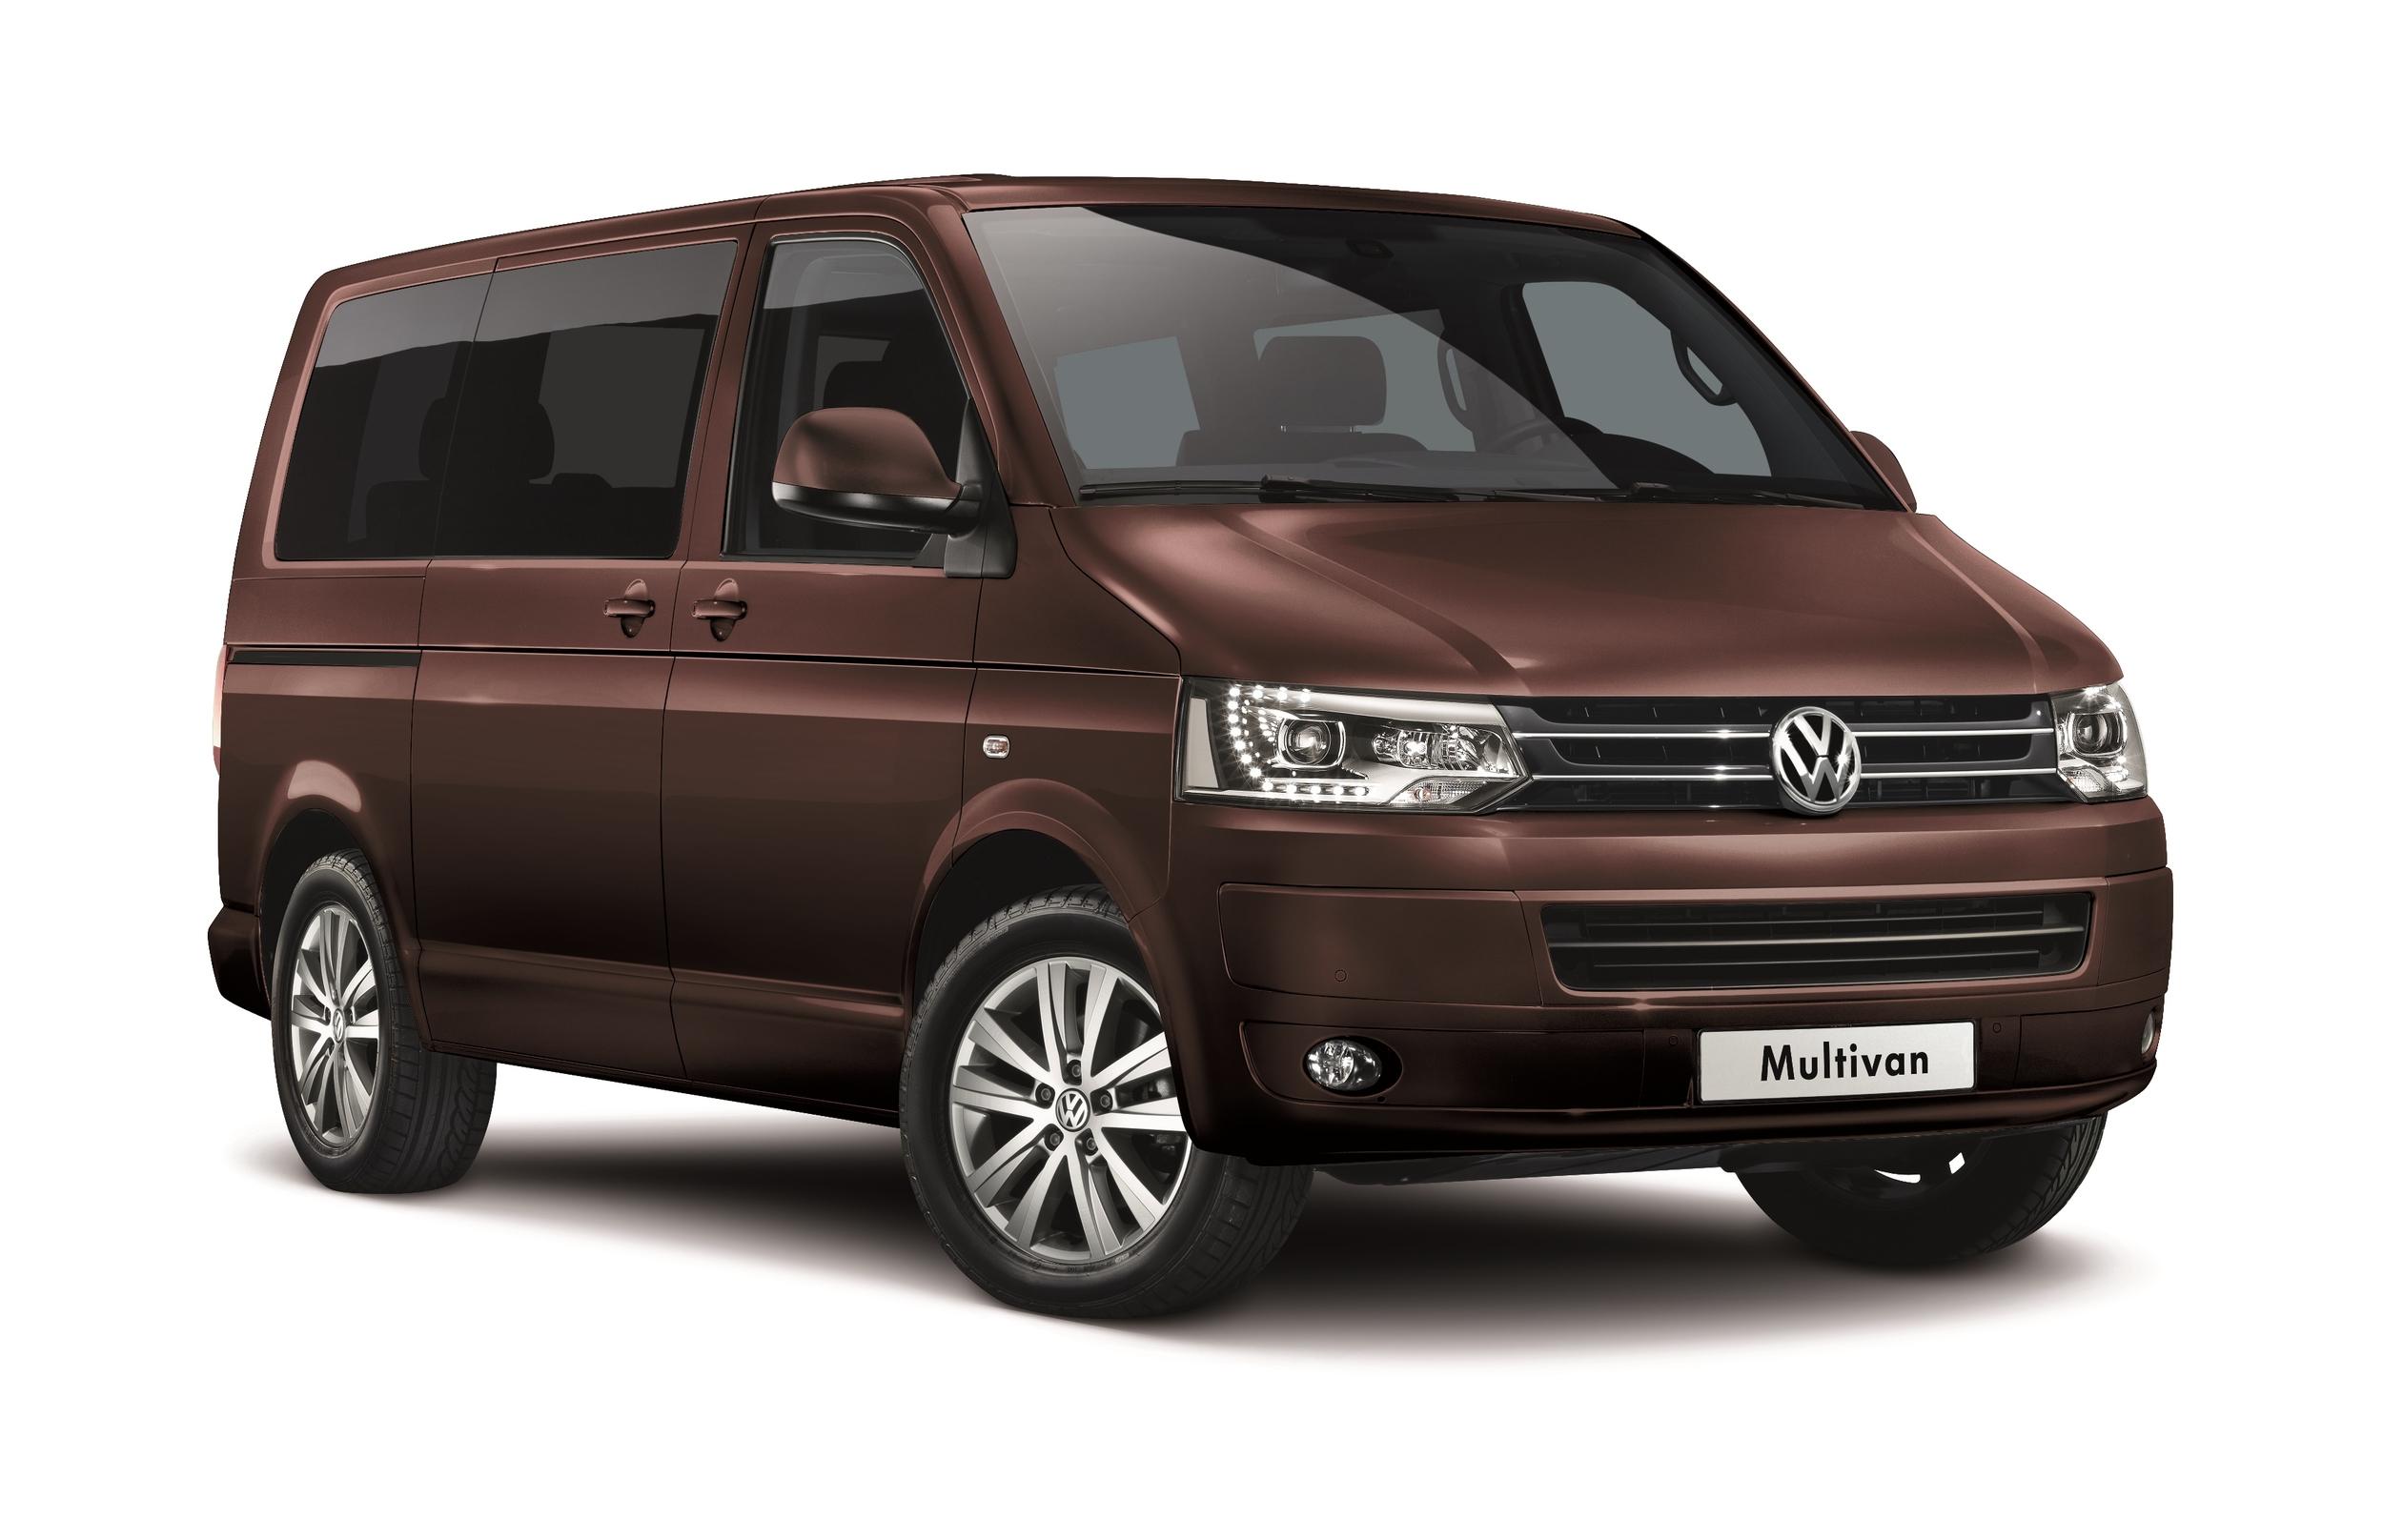 Volkswagen Multivan Premium 2014 04